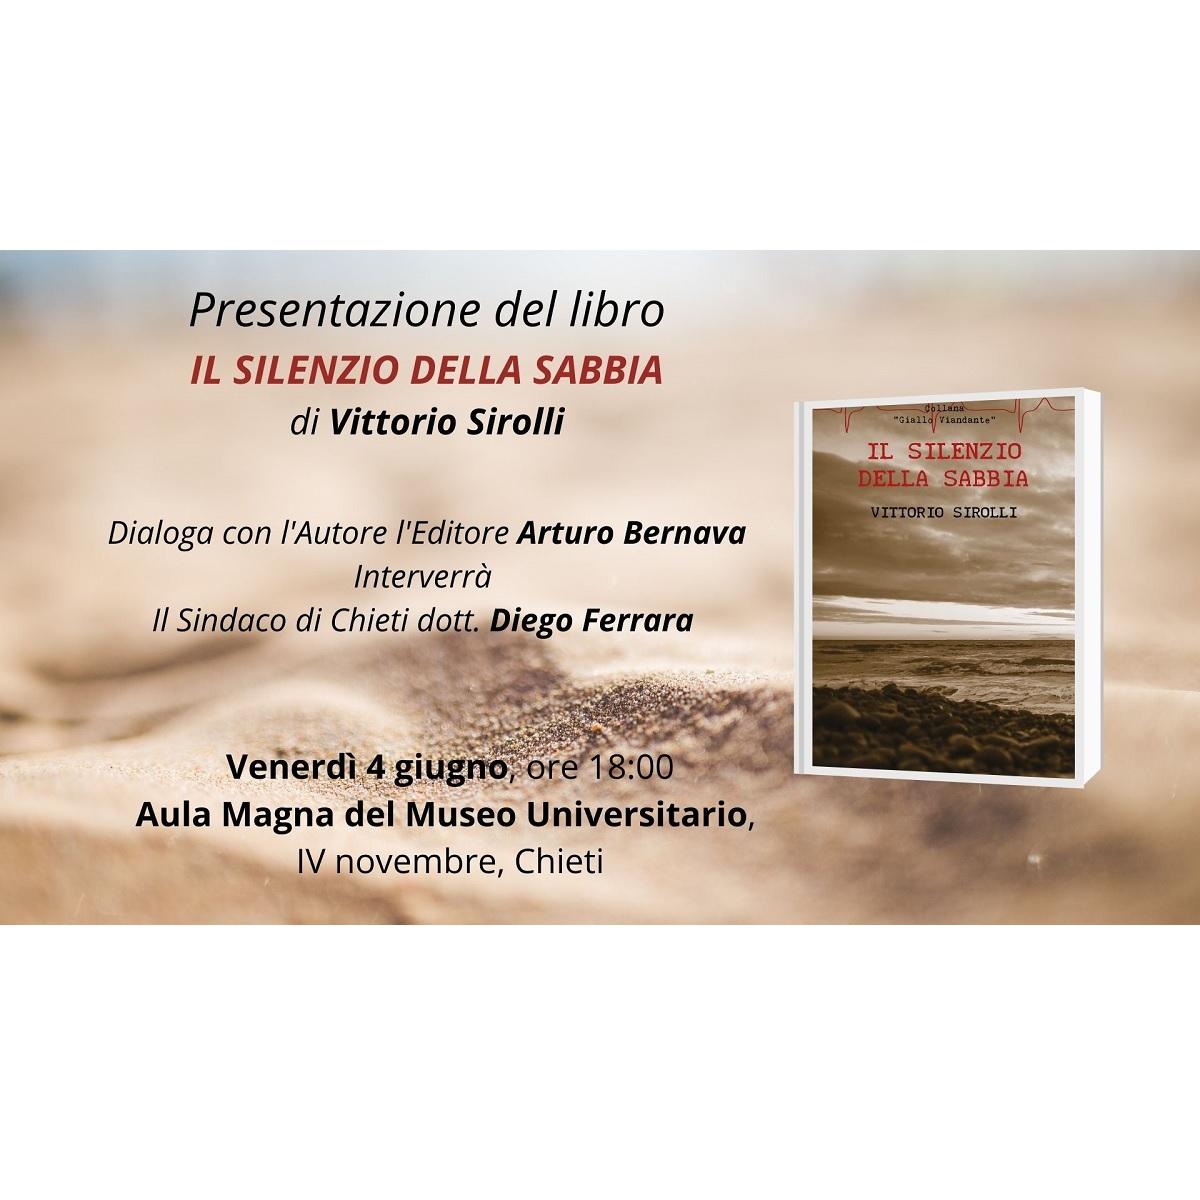 Presentazione del libro Il silenzio della sabbia 4 giugno 2021